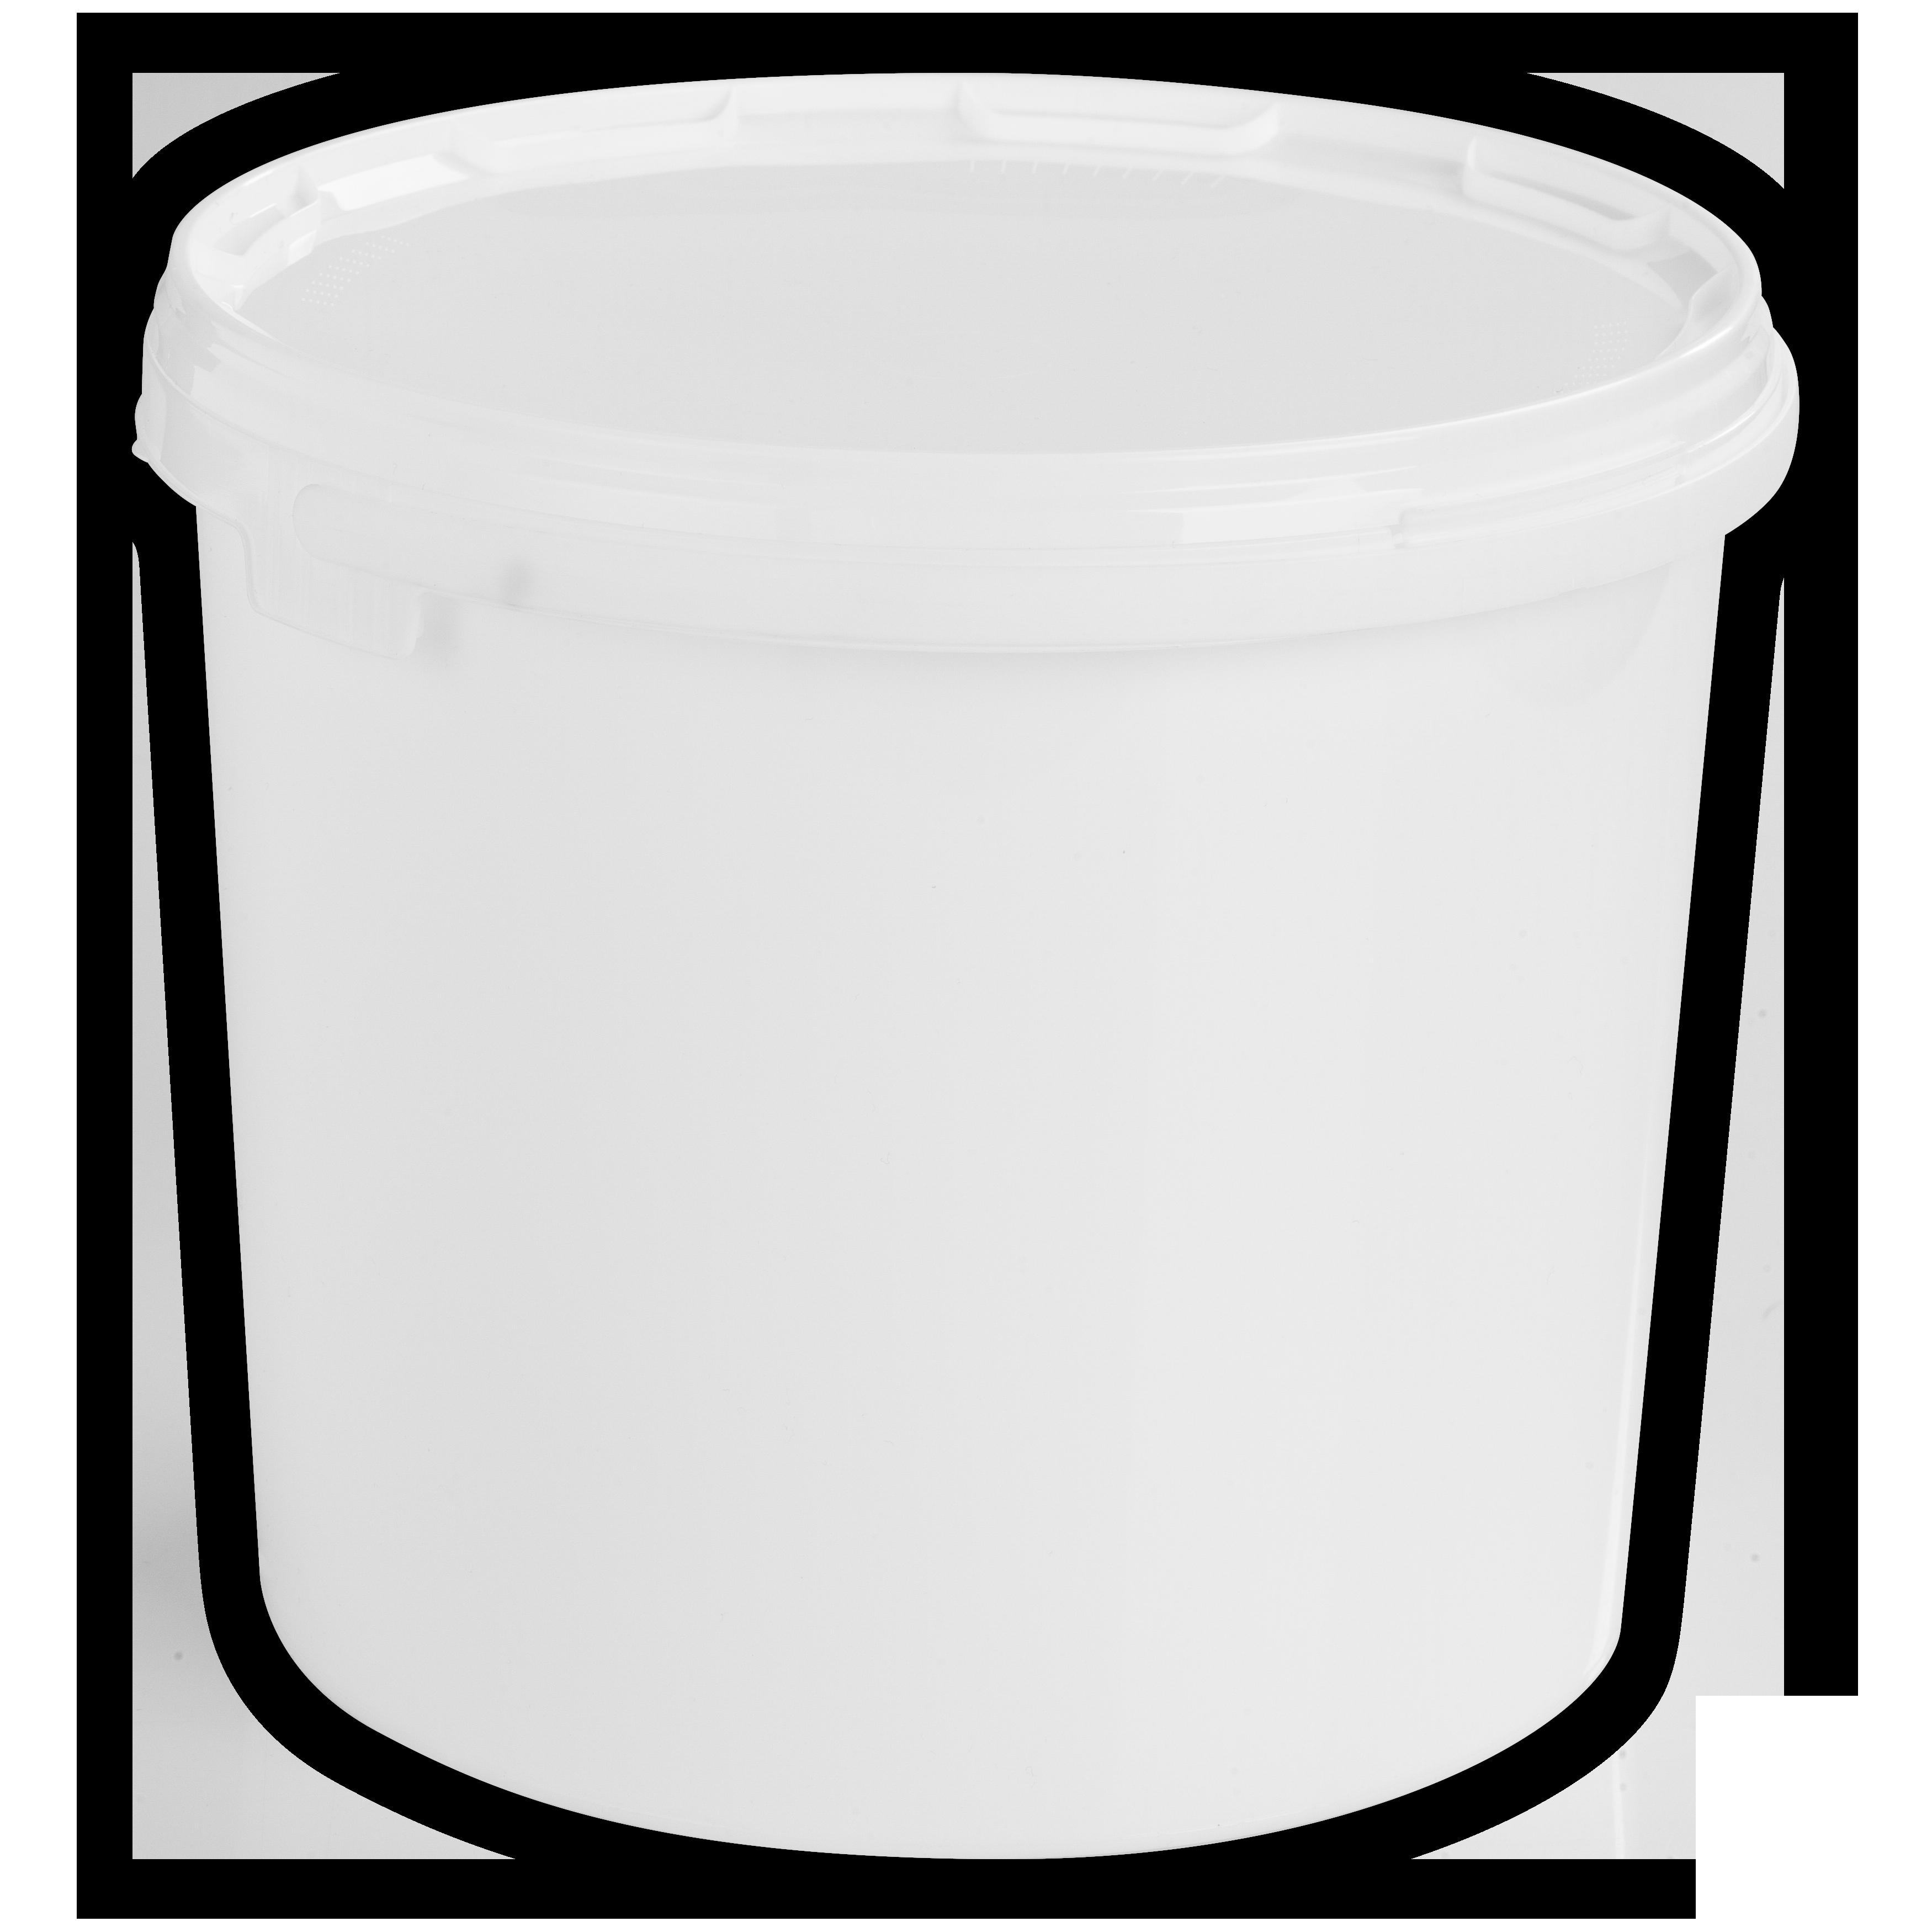 Wiadro okrągłe jednoobrzeżowe 11-0500 BIS3